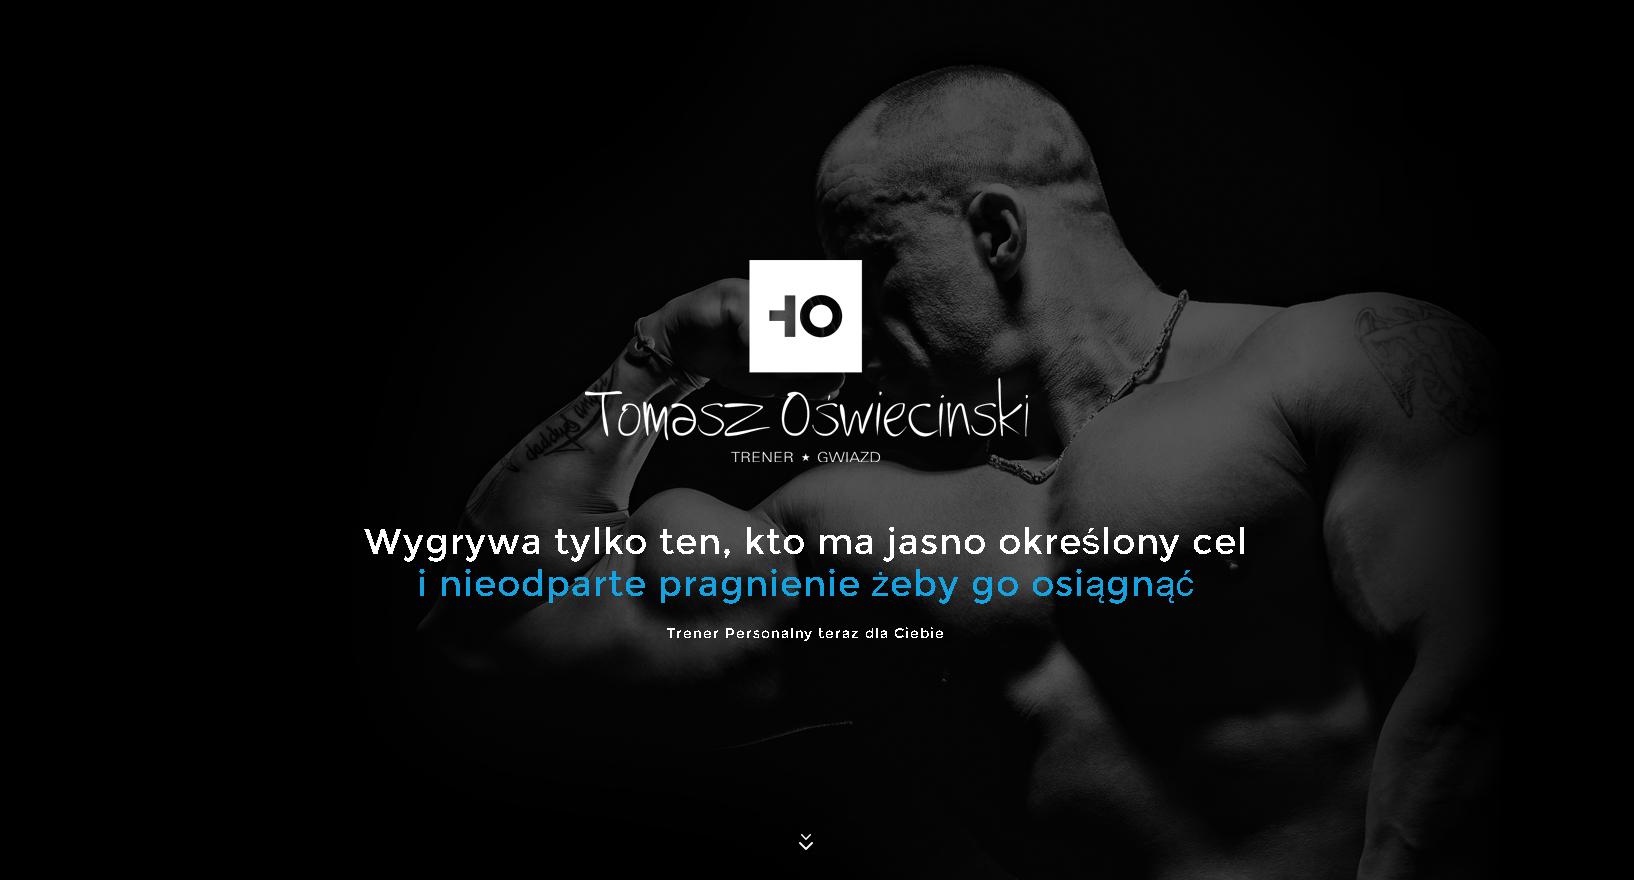 bzb-dla-trener-personalny-tomasz-oswiecinski_www